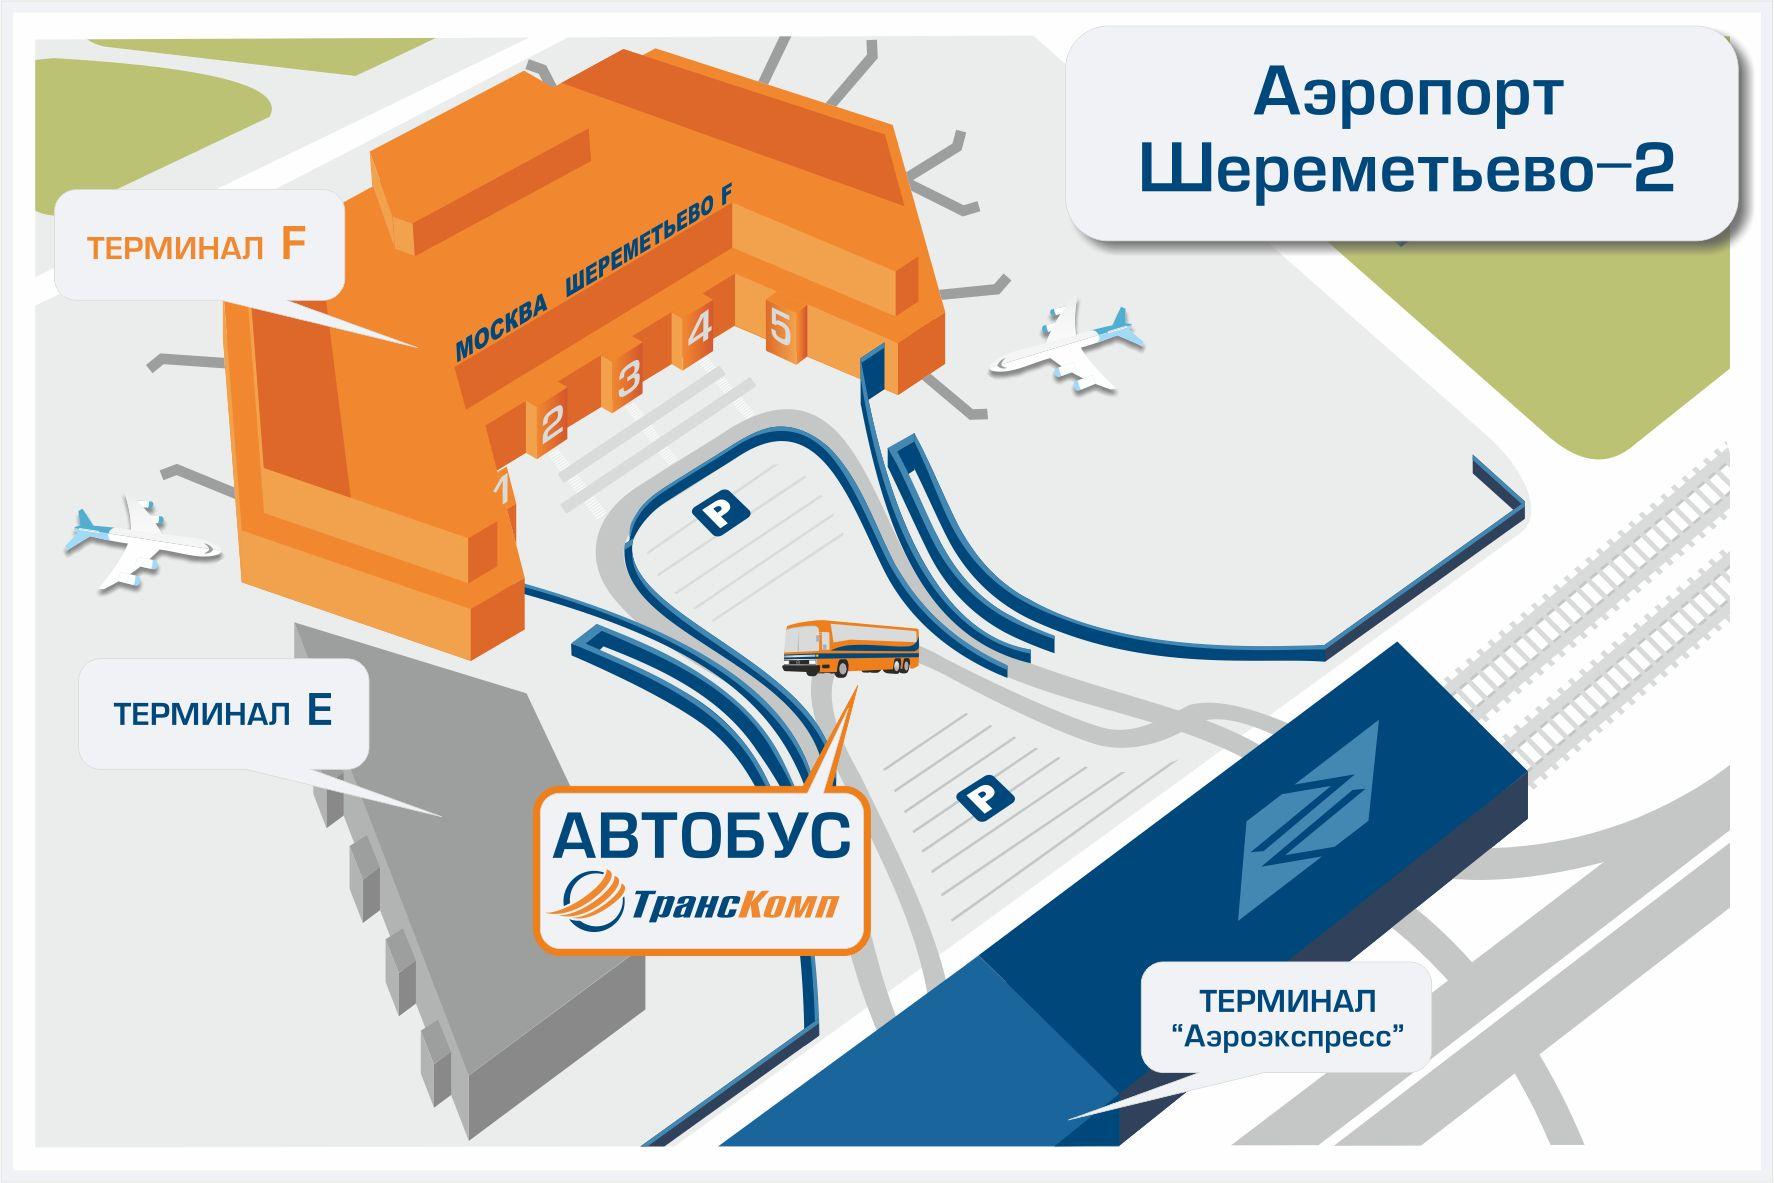 Схема подъезда к терминалу е аэропорта шереметьево